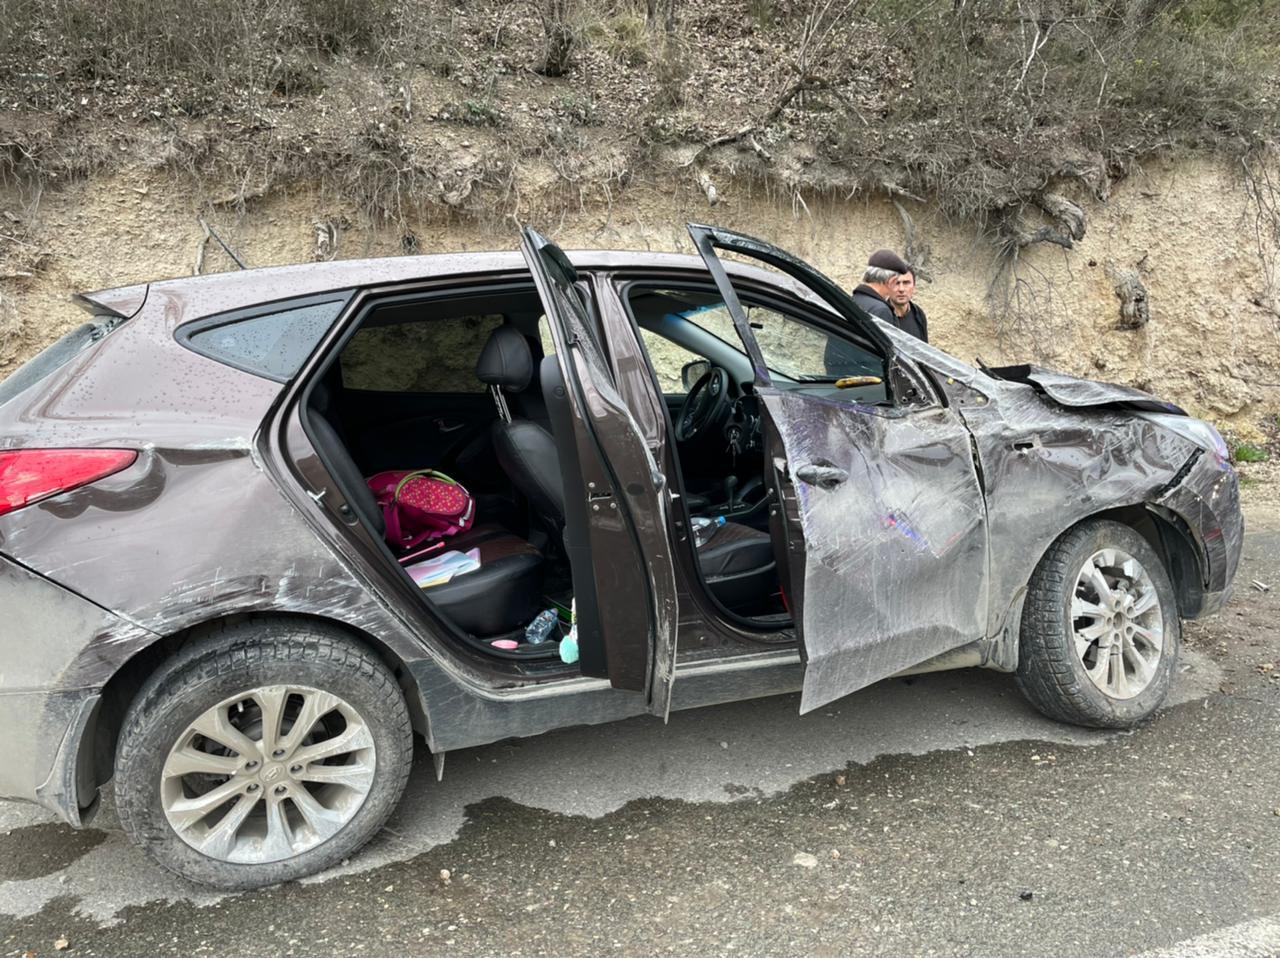 Не справилась с управлением: в Севастополе в ДТП попала женщина с тремя детьми, все в больнице